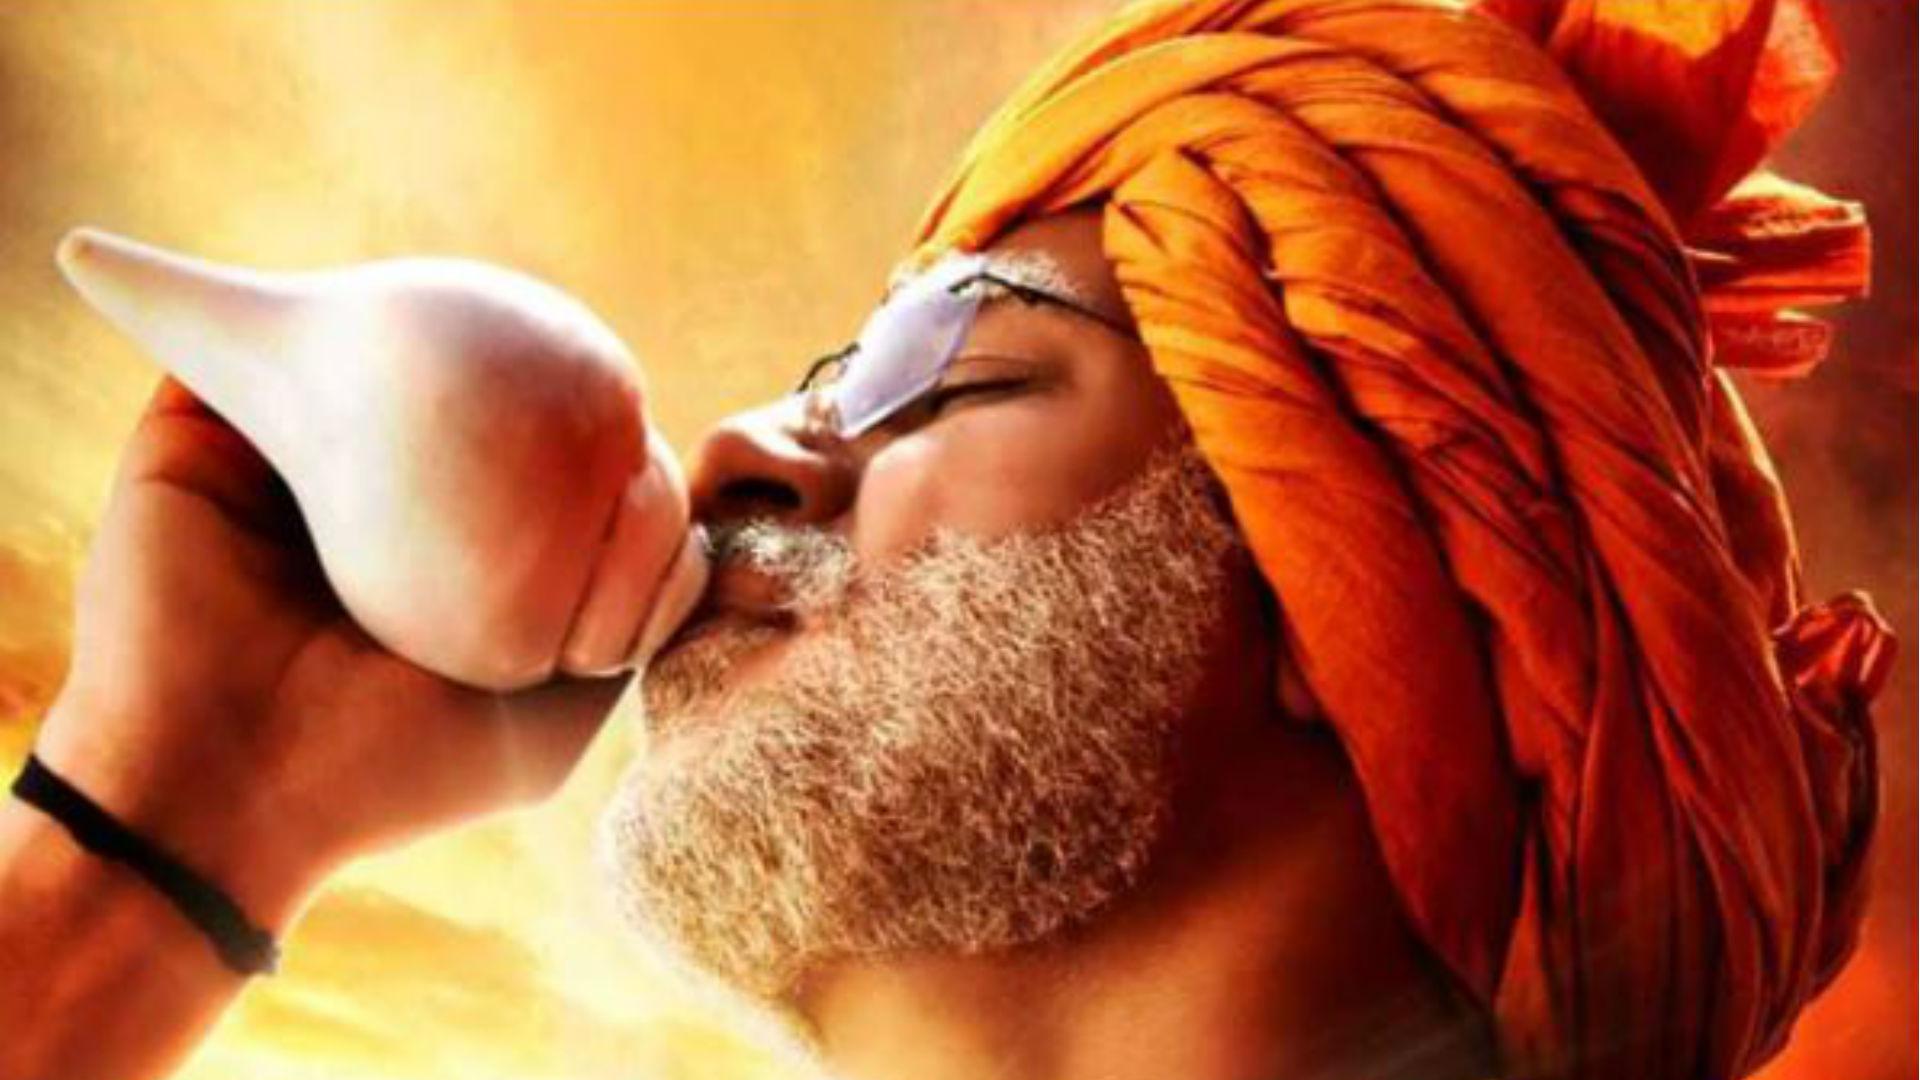 PM Narendra Modi Movie: पहले दिन फिल्म की रही धीमी शुरूआत, कमाए इतने करोड़ रुपये